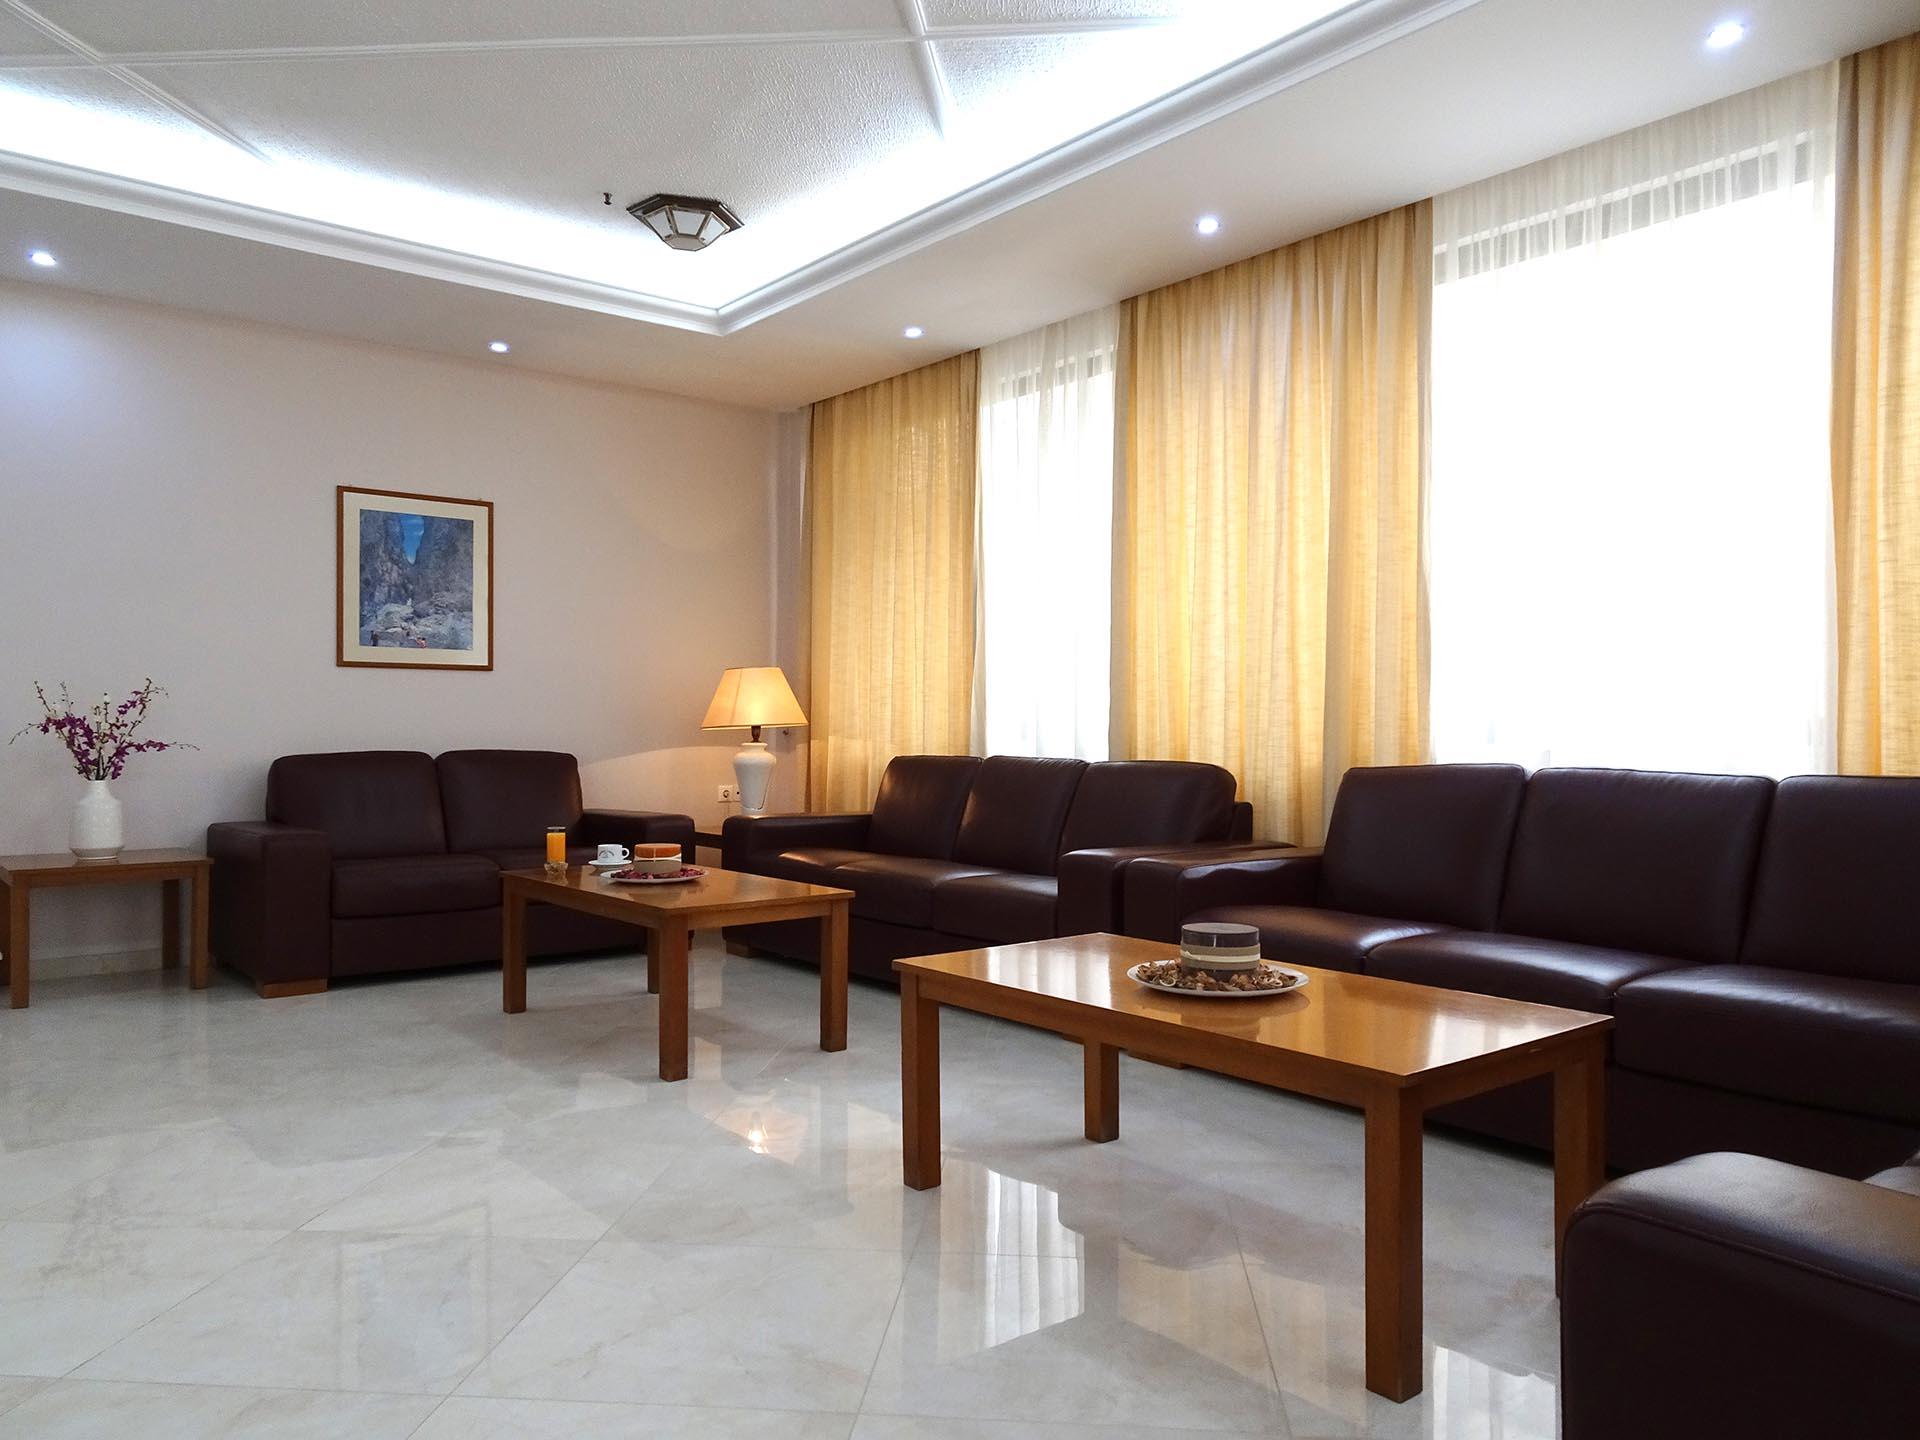 Nefeli Hotel's cozy lounge